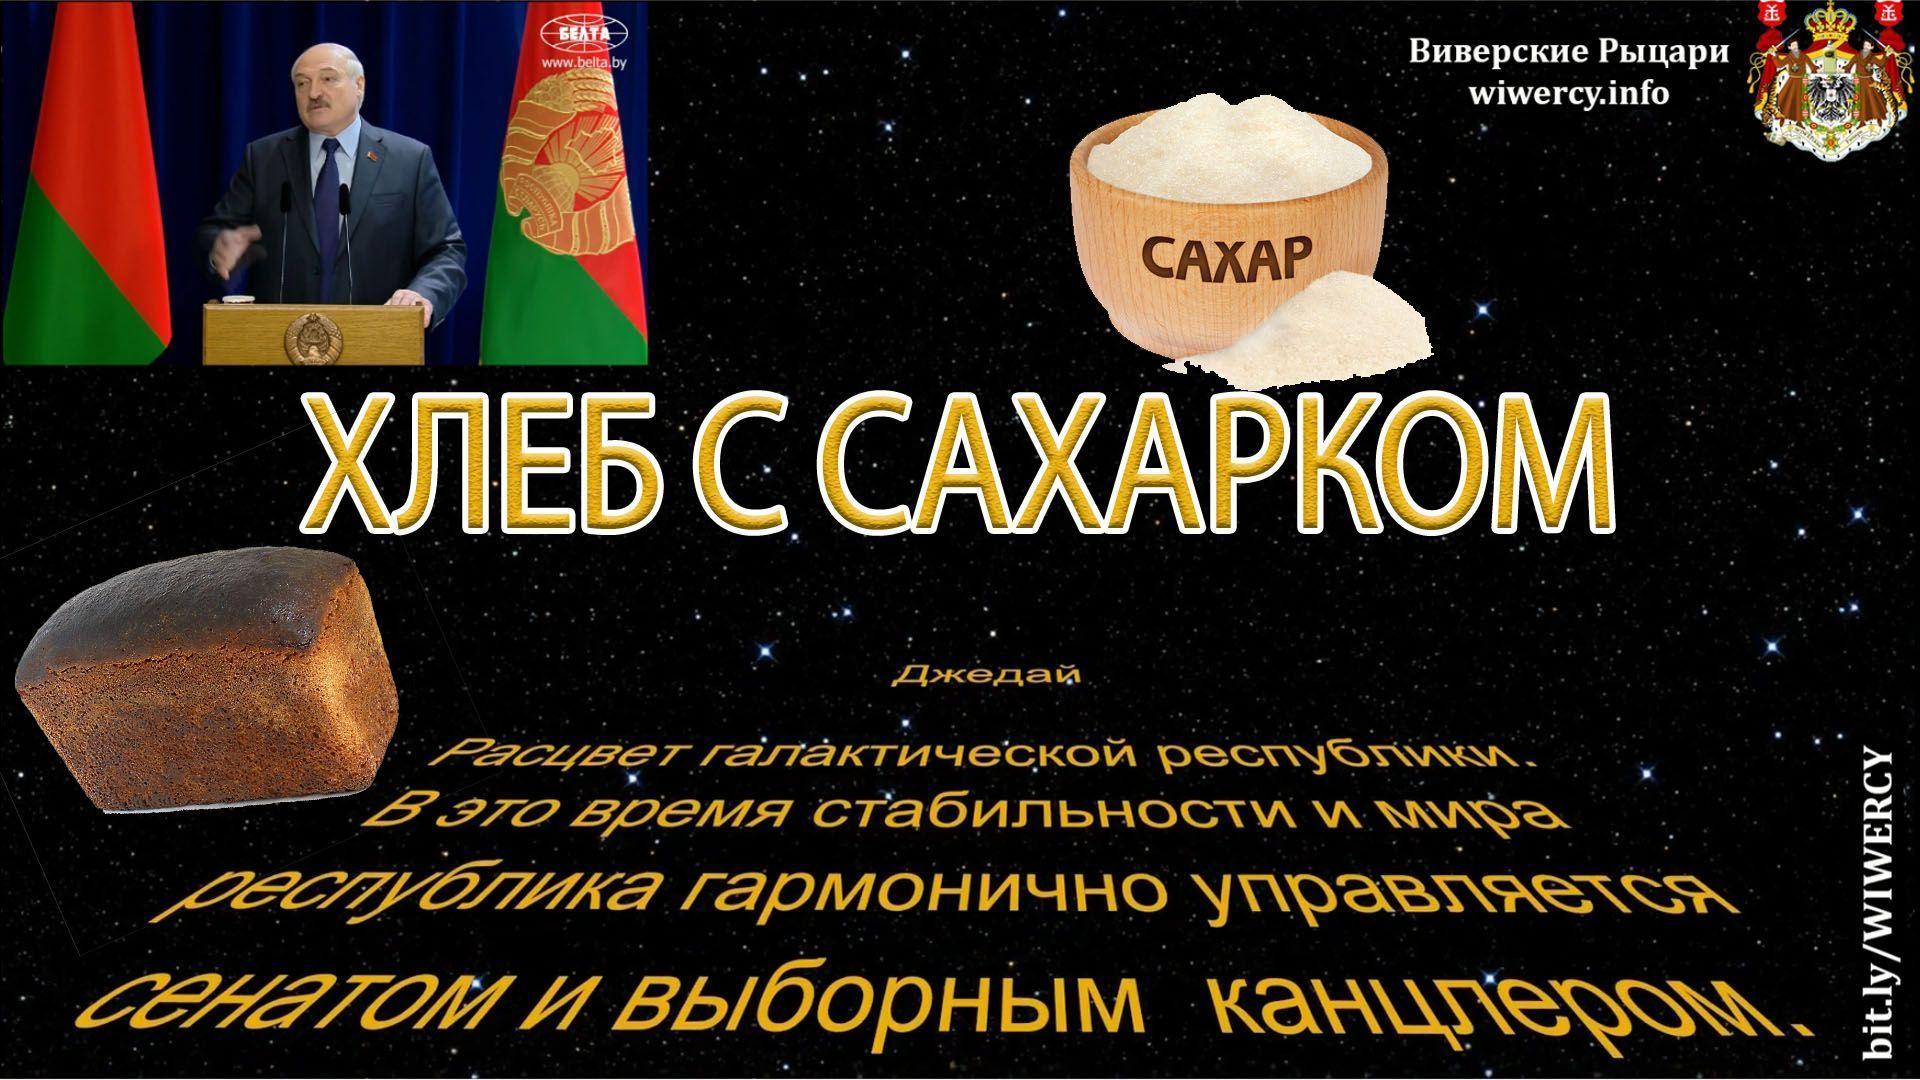 Собачий хлеб Лукашенко. Как доедать хлеб за собакой или хлеб с сахарком